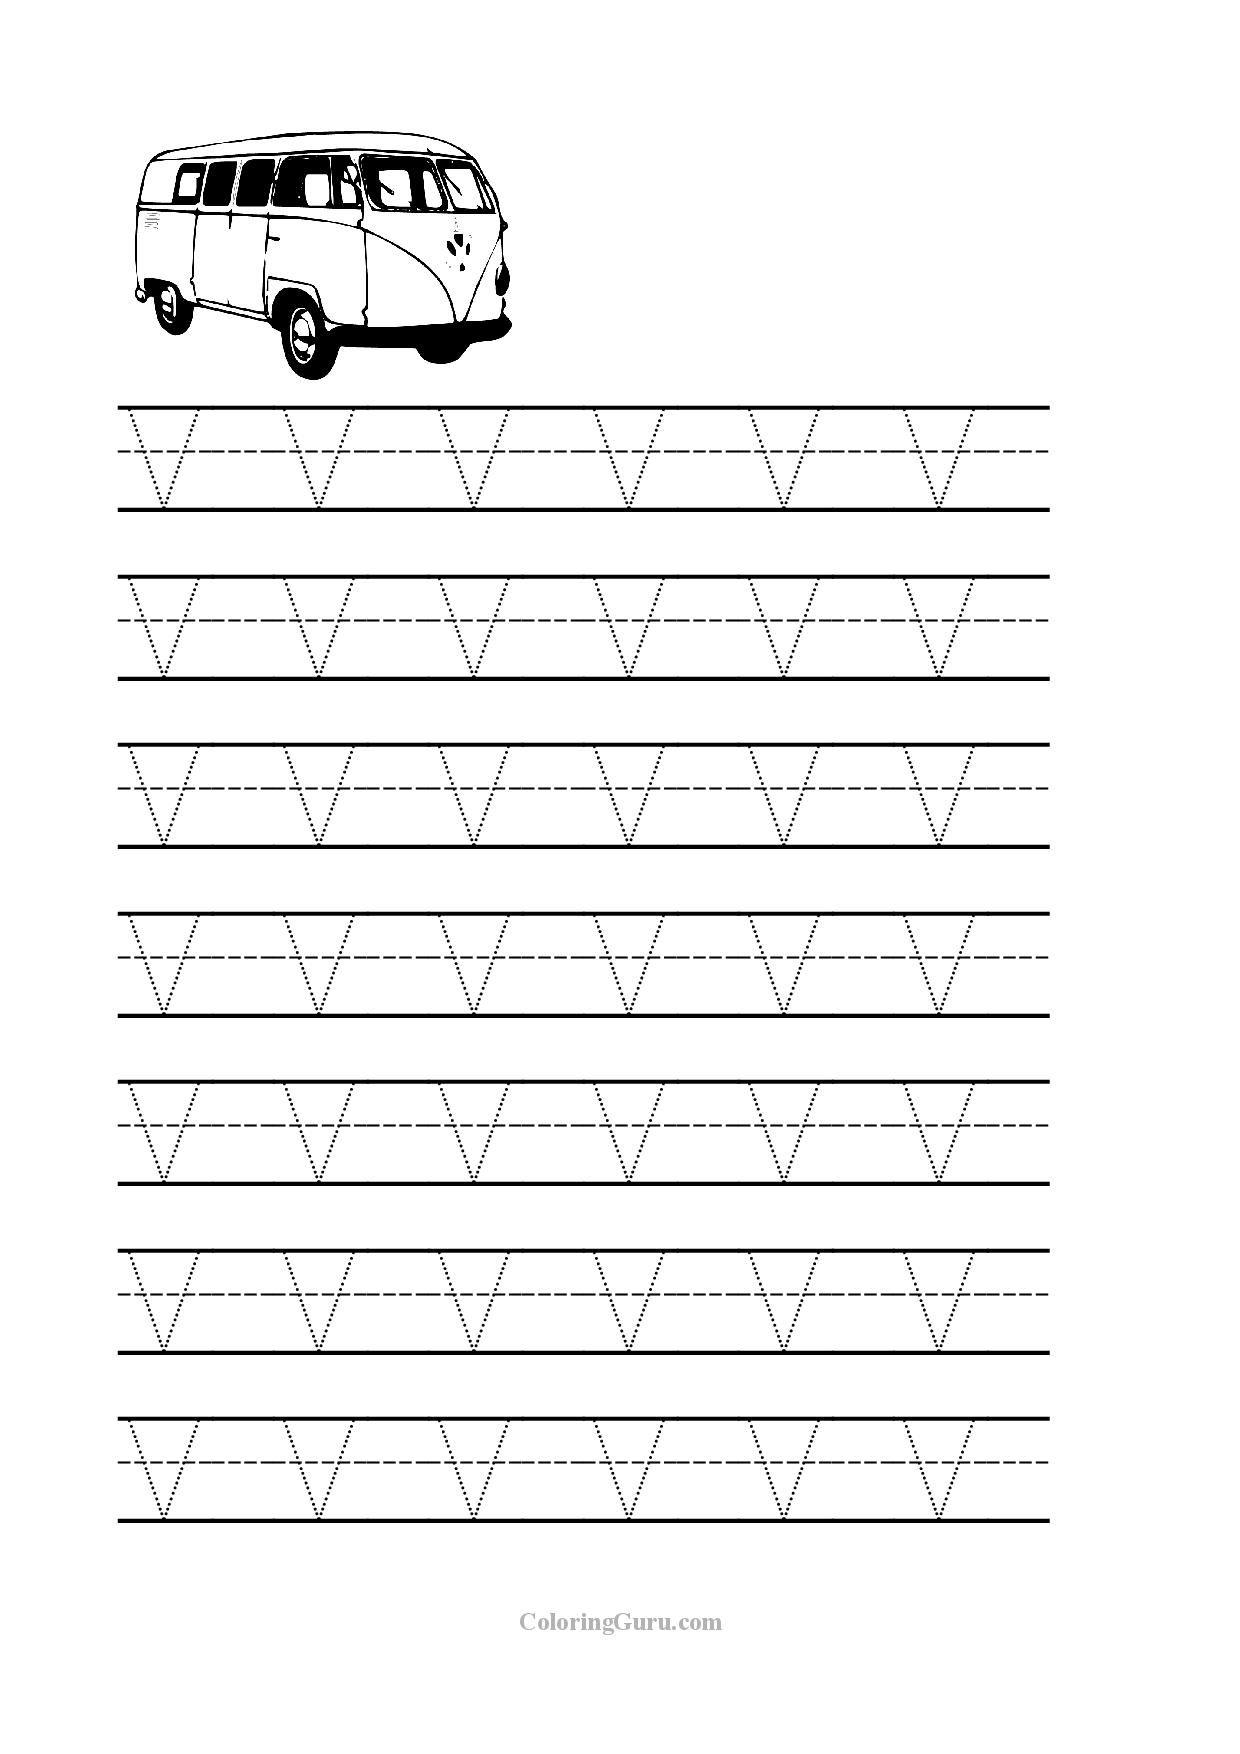 Free Printable Tracing Letter V Worksheets For Preschool with V Letter Worksheets